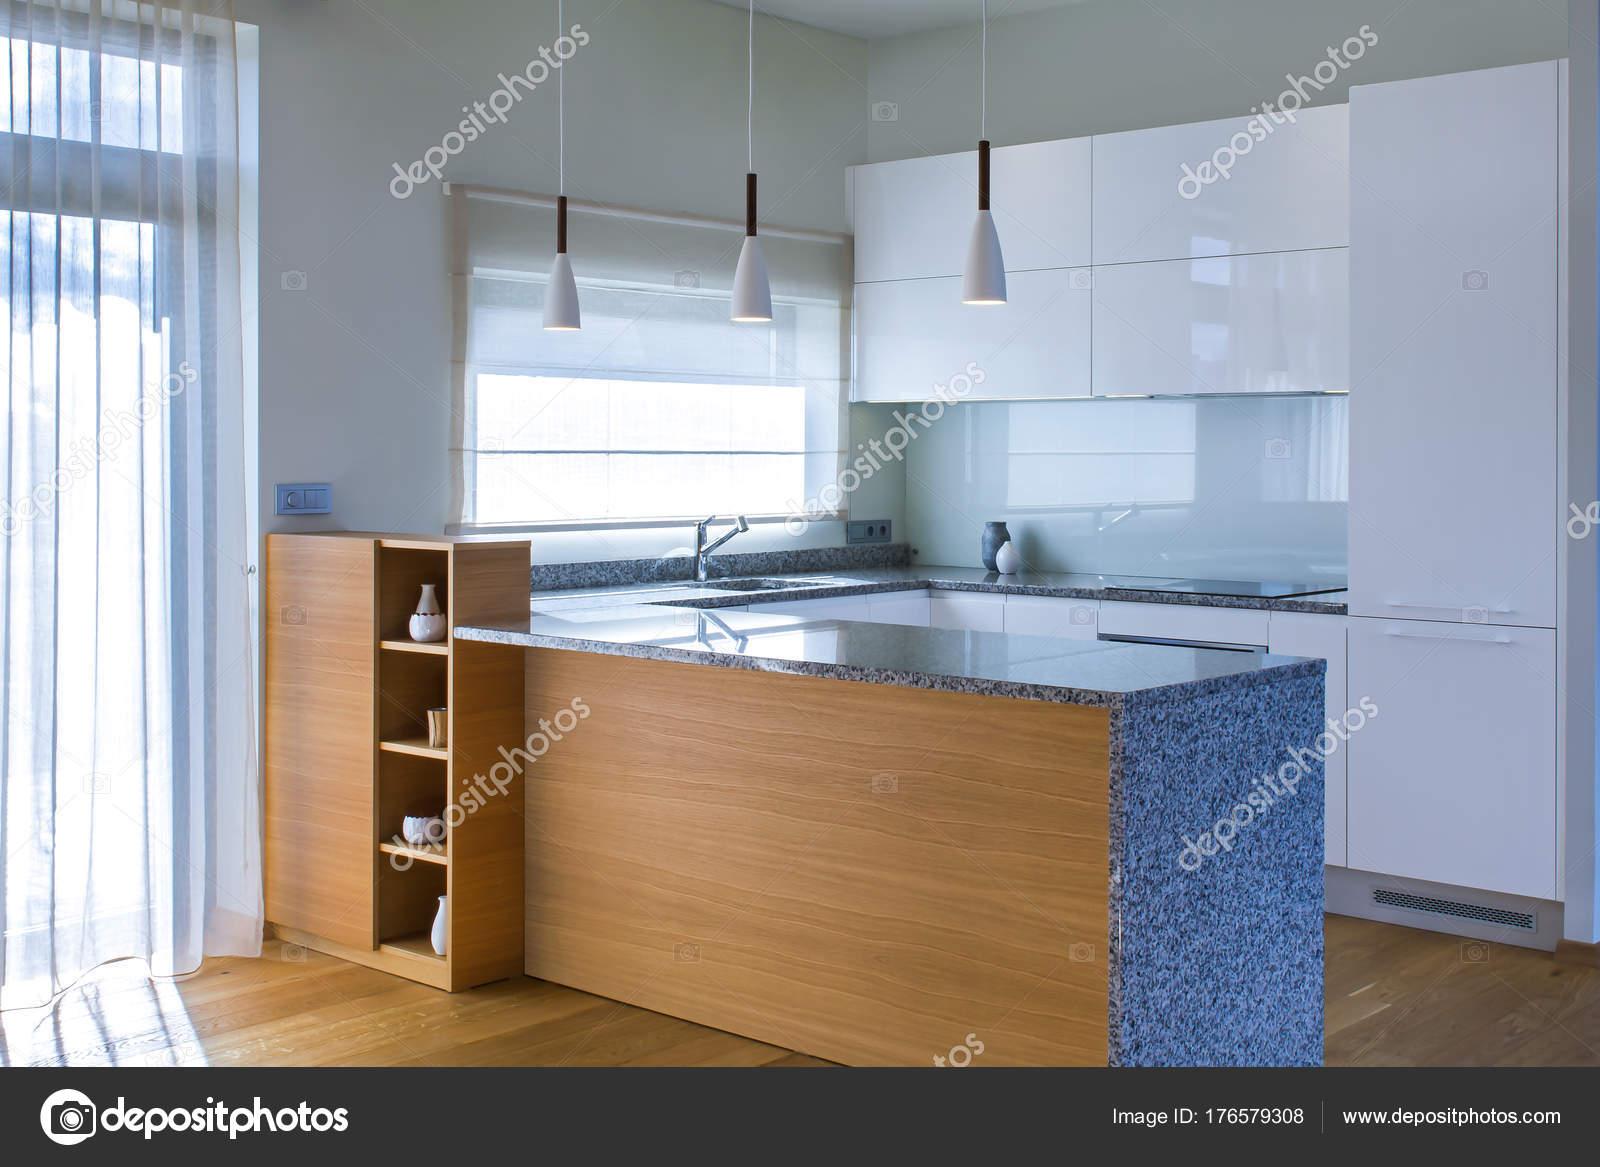 redesigning a kitchen menards in stock cabinets 现代厨房设计在轻的内部与木口音房间里还有一个厨房半岛厨房和客厅结合 现代厨房设计在轻的内部与木口音房间里还有一个厨房